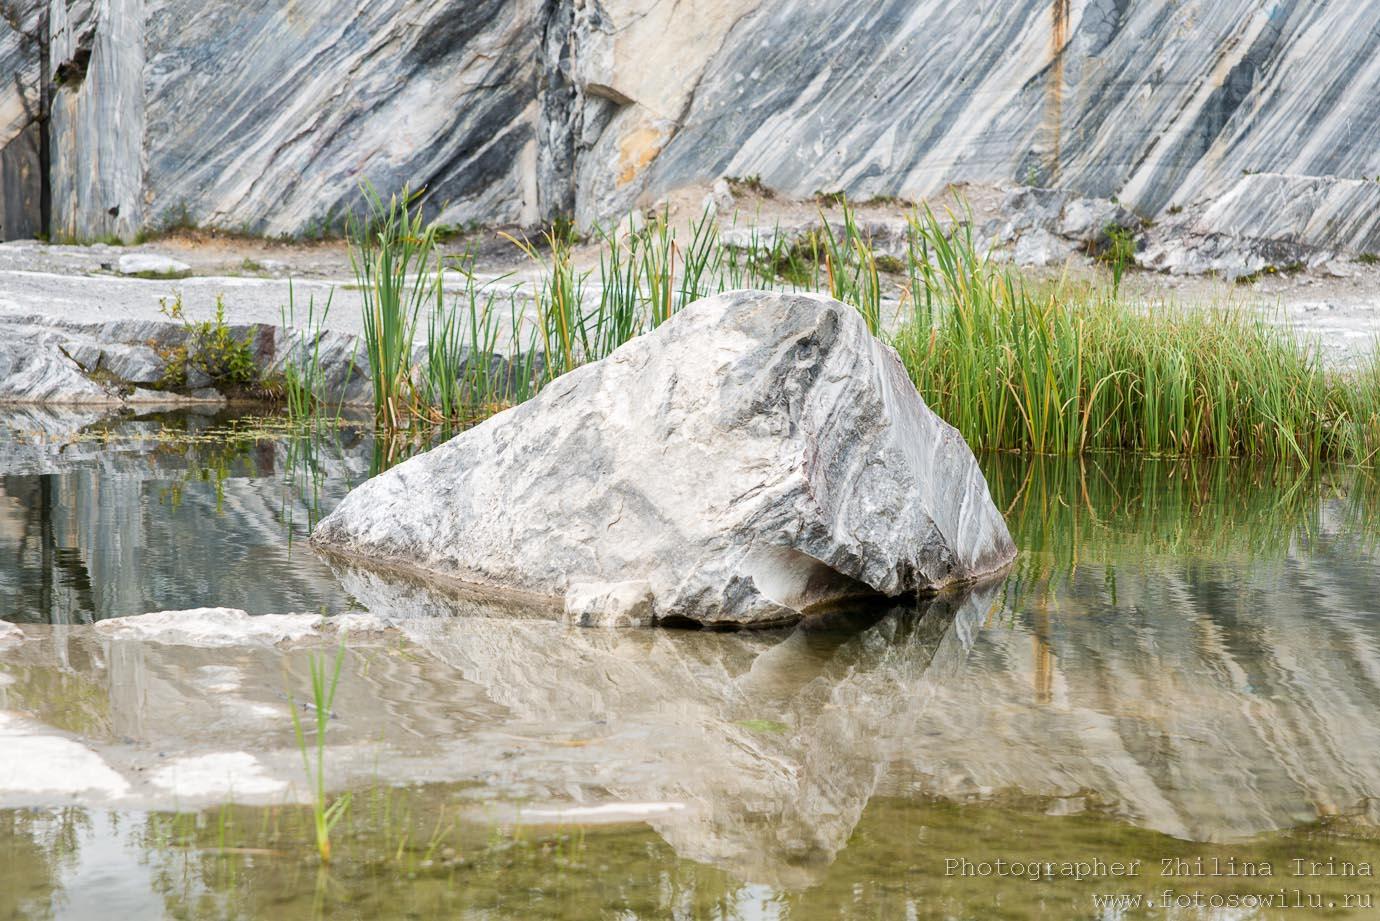 Горный парк, Карелия, горный парк, куда поехать отдыхать, отдых в России, что смотреть в России, Итальянский карьер